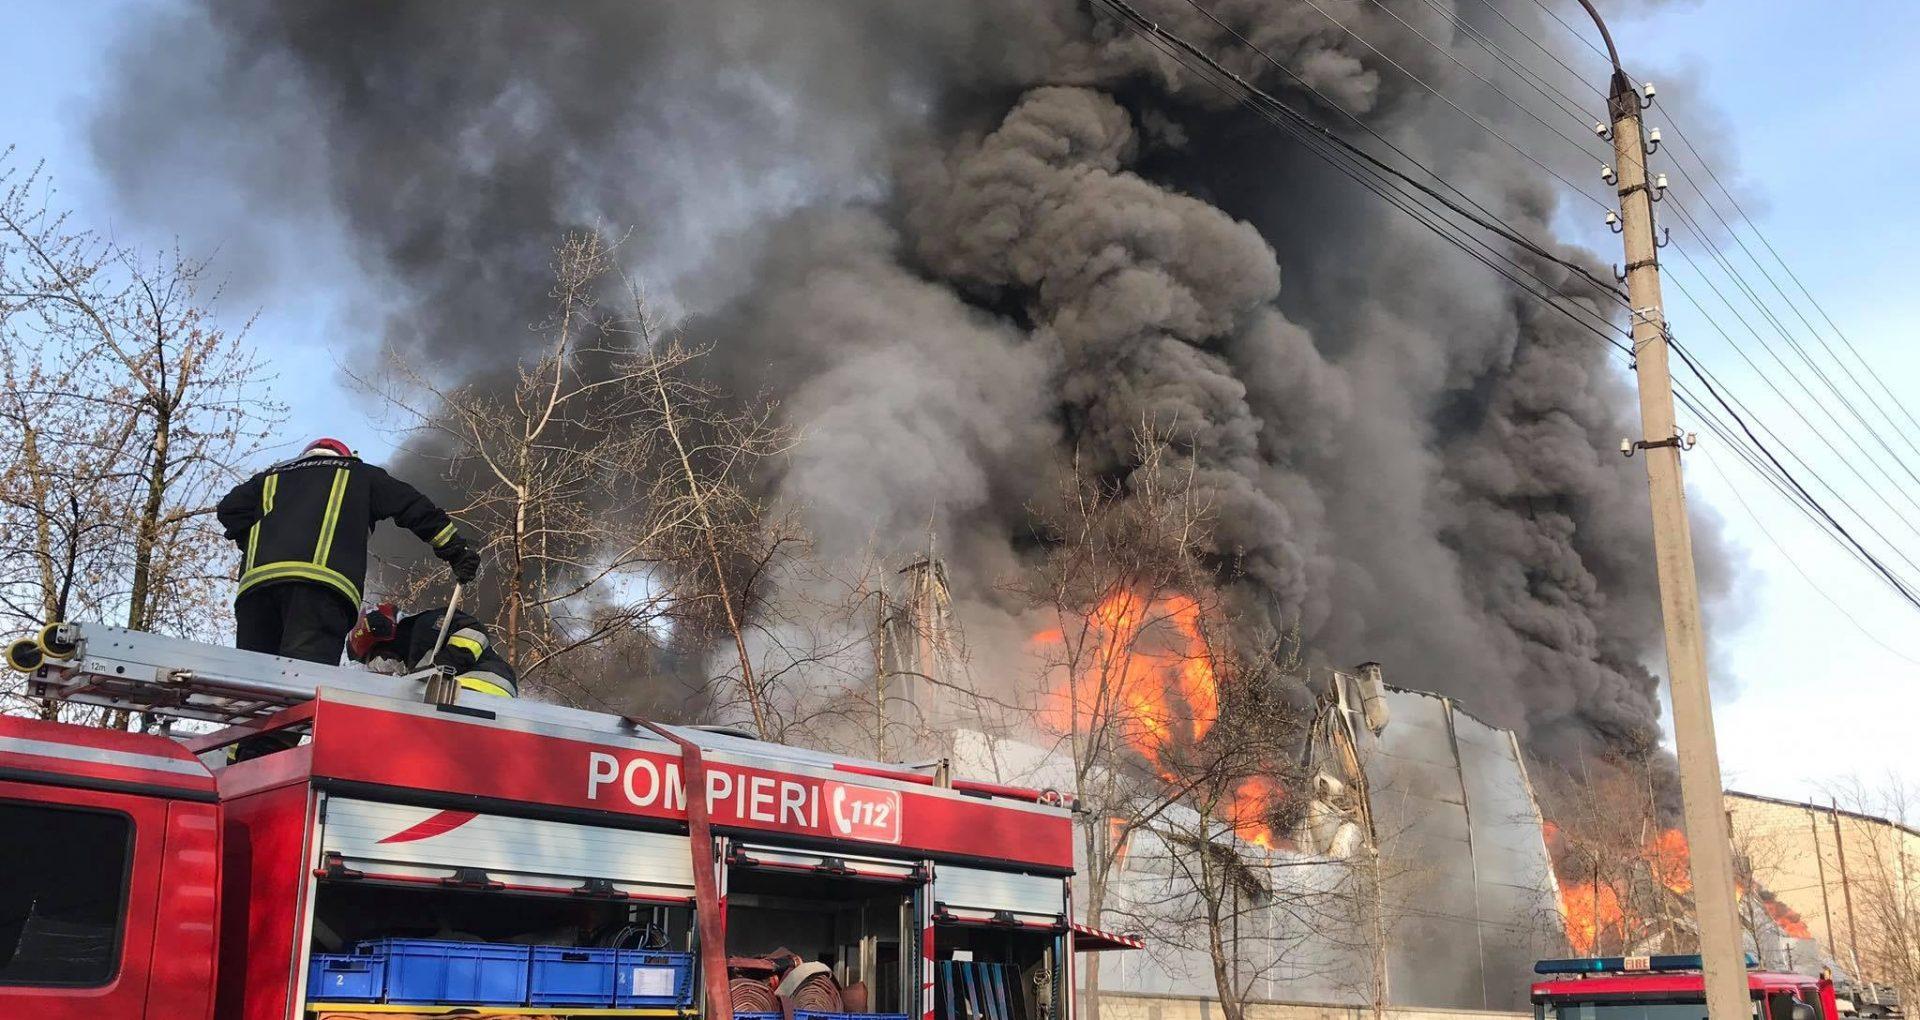 VIDEO/ Incendiu devastator la un depozit de vopsea din Capitală. IGSU: flăcările au mistuit 2000 de metri pătrați din clădire